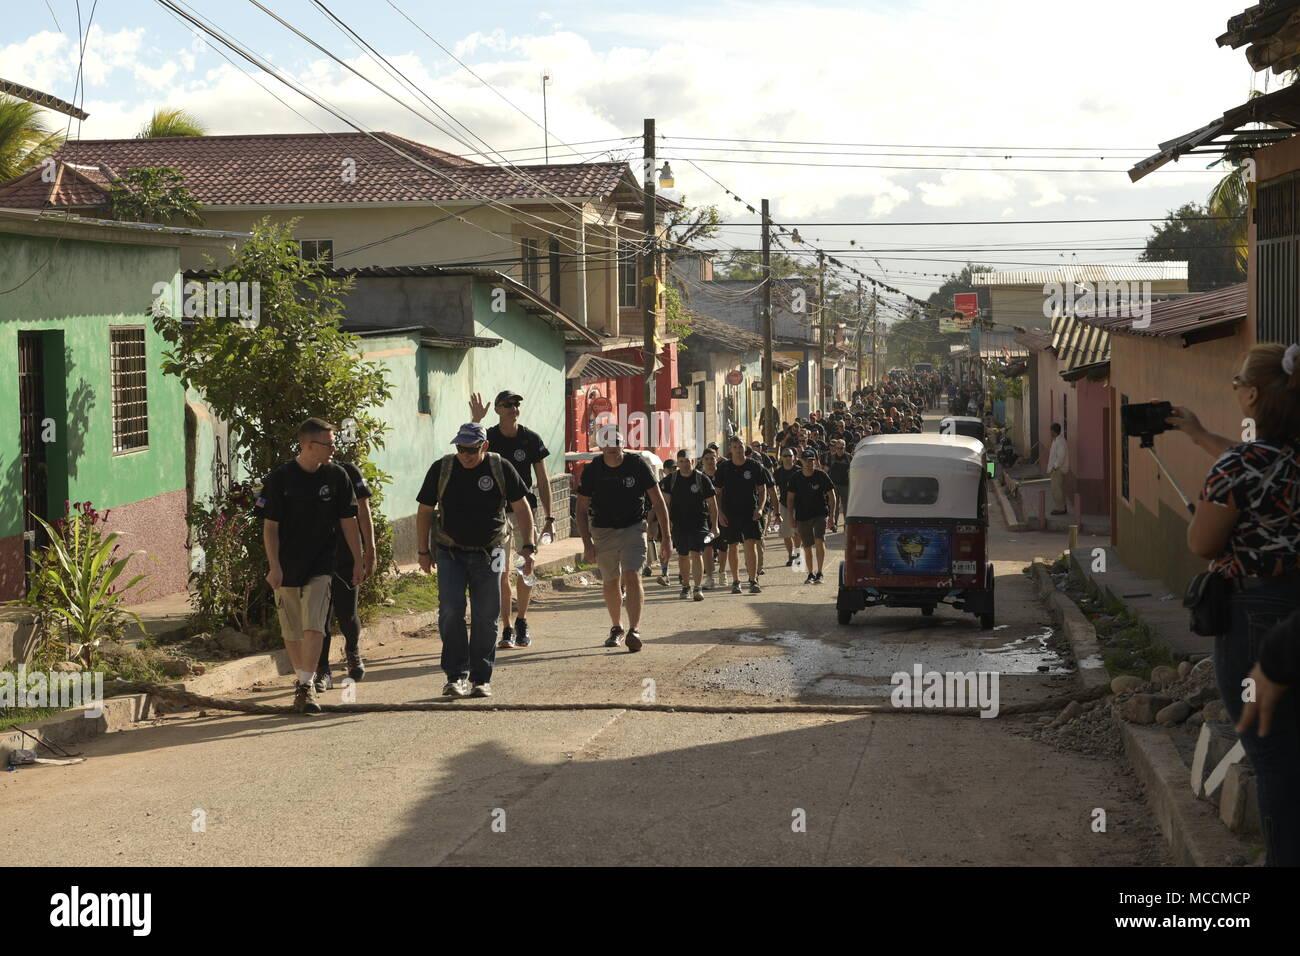 Comayagua Honduras Imágenes De Stock & Comayagua Honduras Fotos De ...